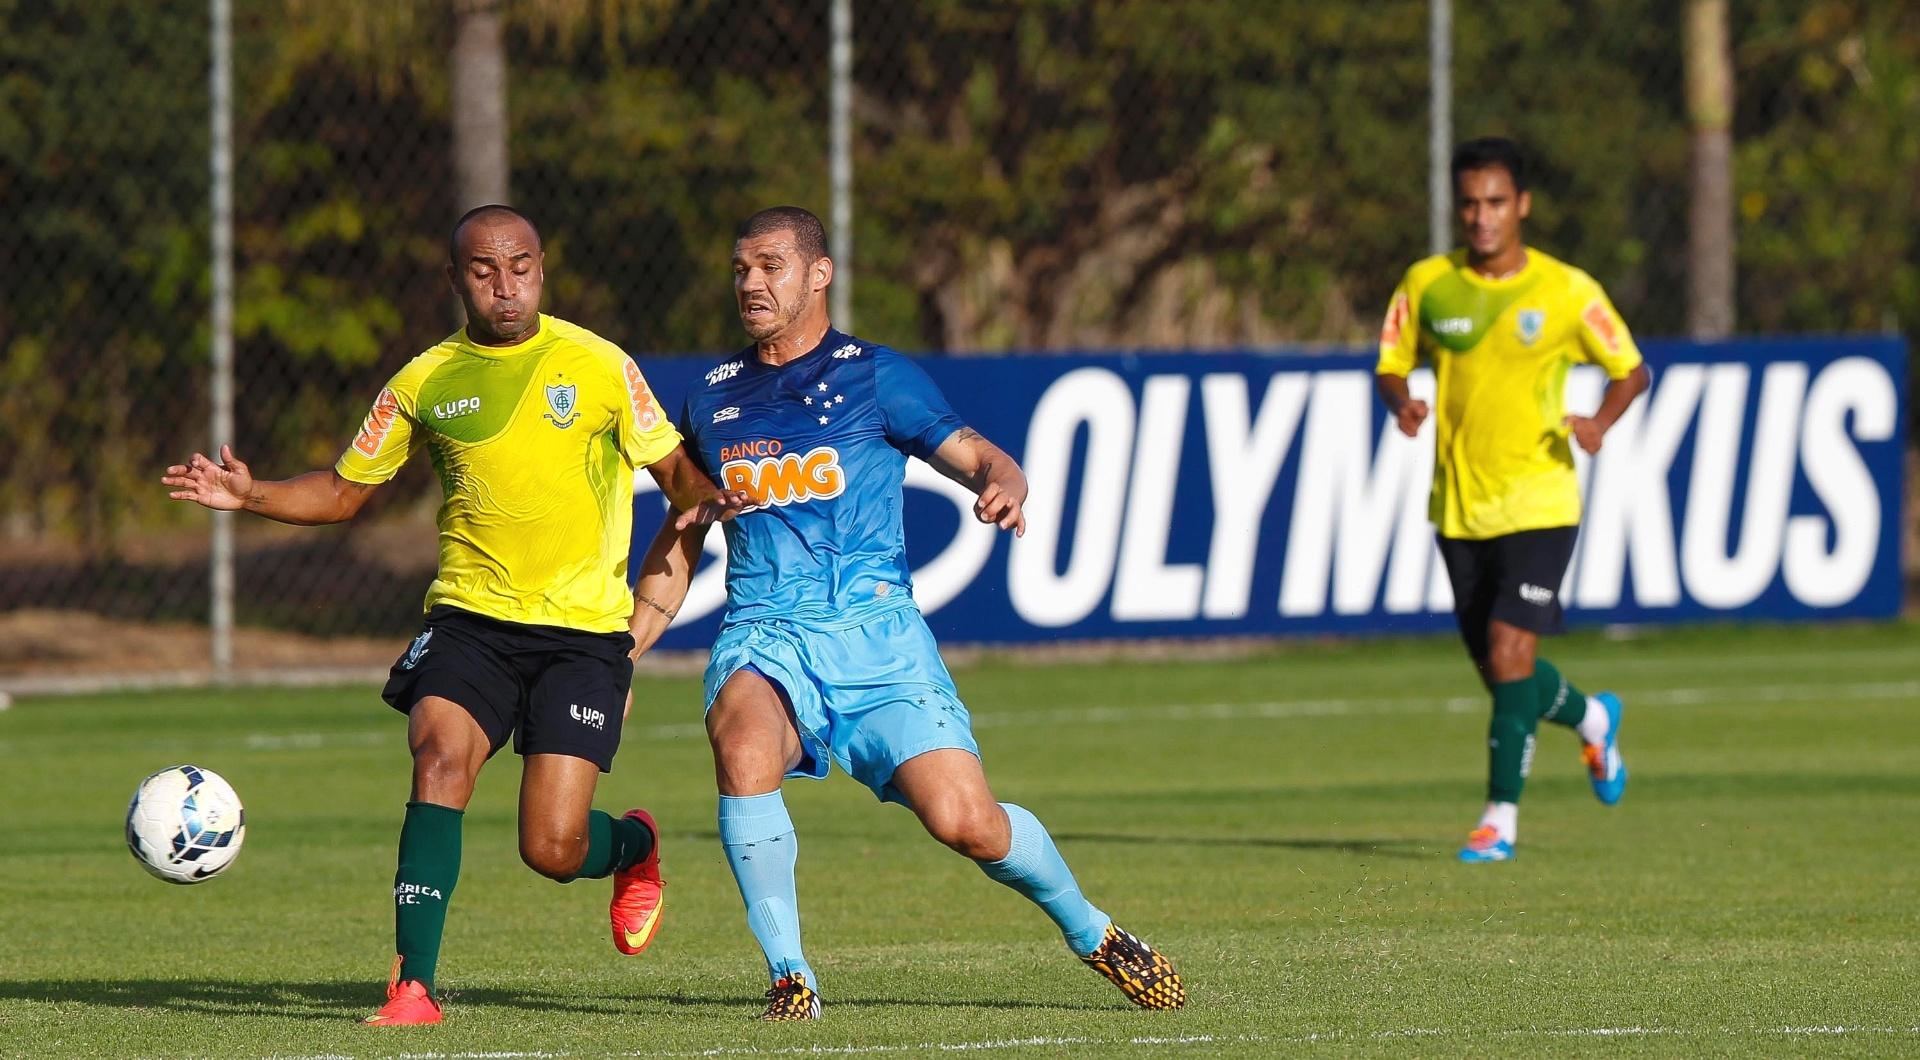 28 Jul. 2014 - Volante NIlton participa de jogo-treino do Cruzeiro contra o América-MG na Toca da Raposa II